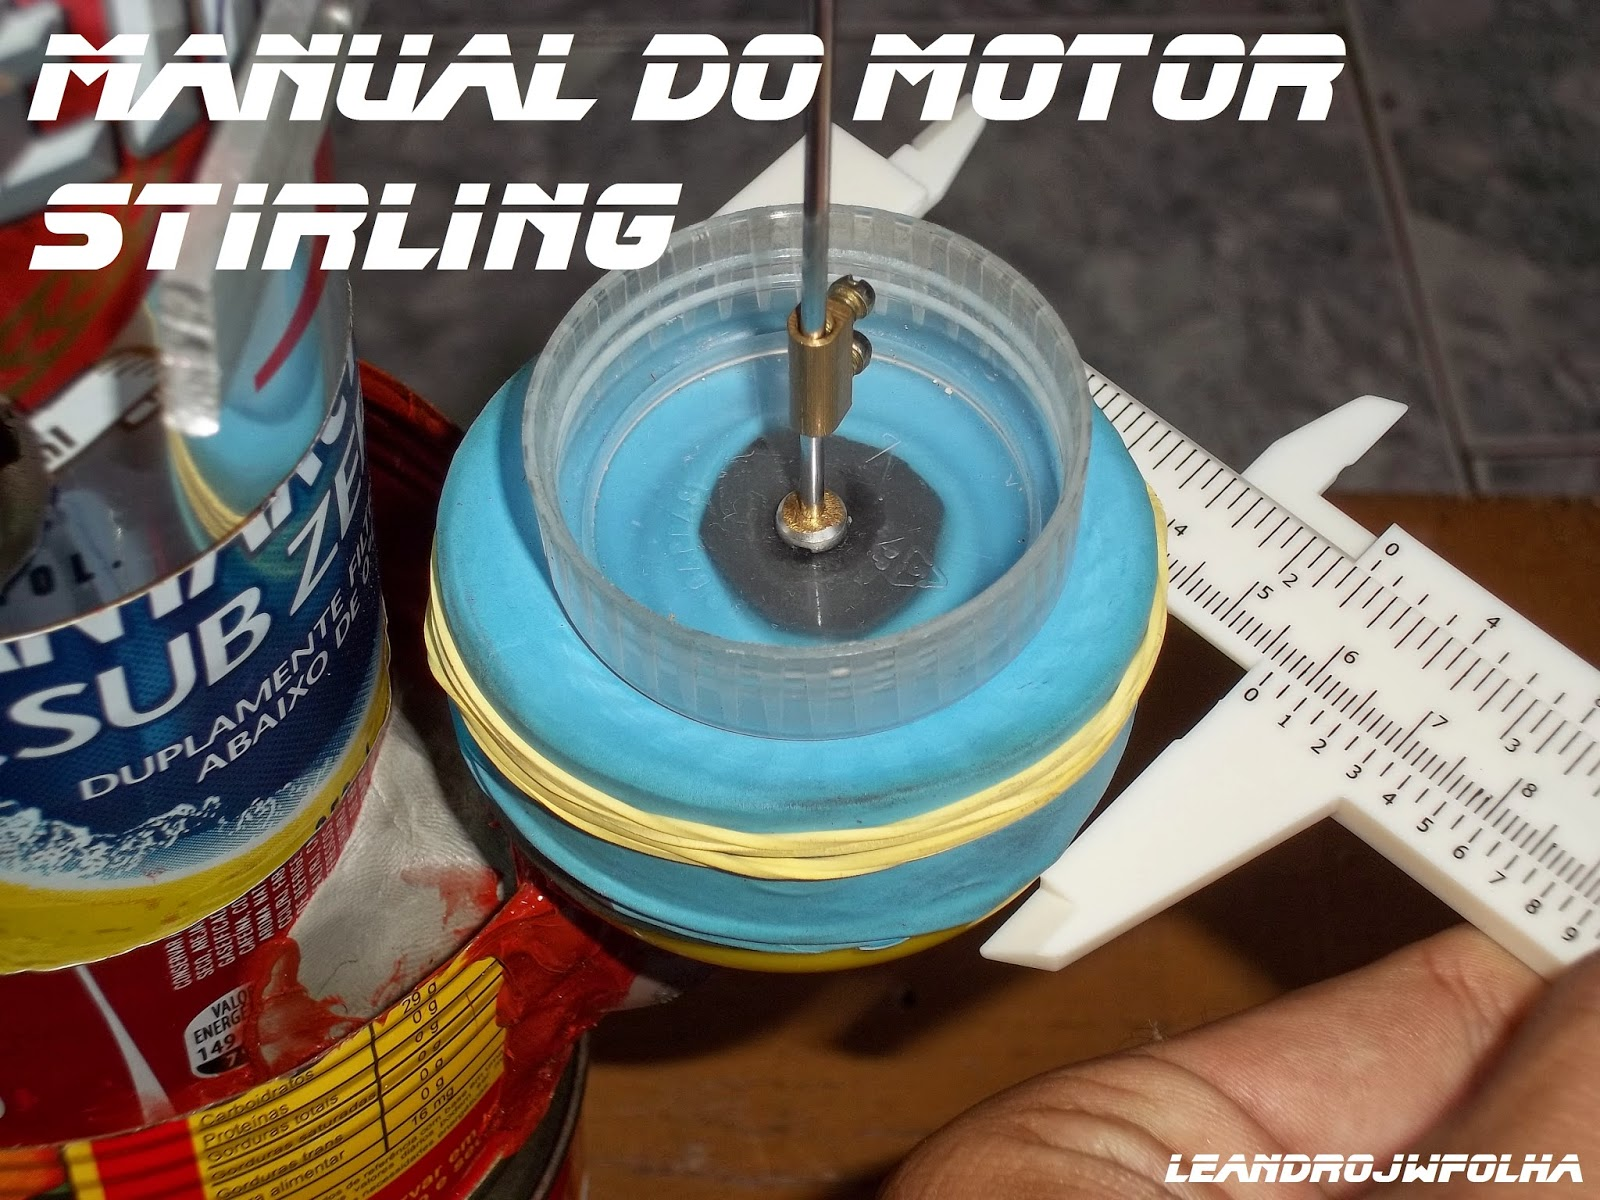 Manual do motor Stirling, 57 mm de diâmetro o cilindro do pistão de trabalho